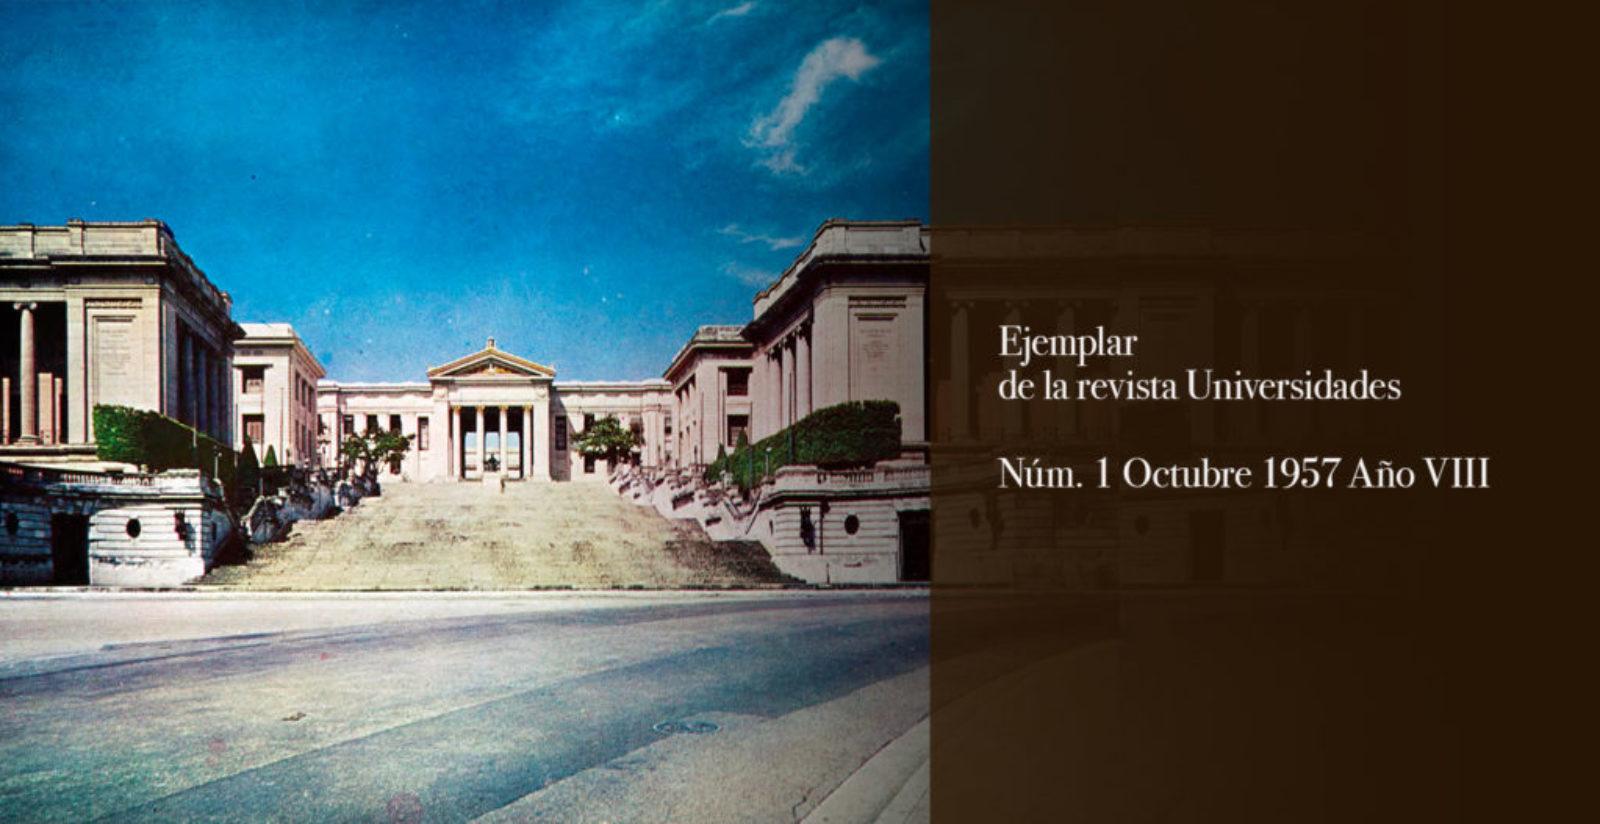 jueves-de-archivo-revista-Universidades-23-de-enero